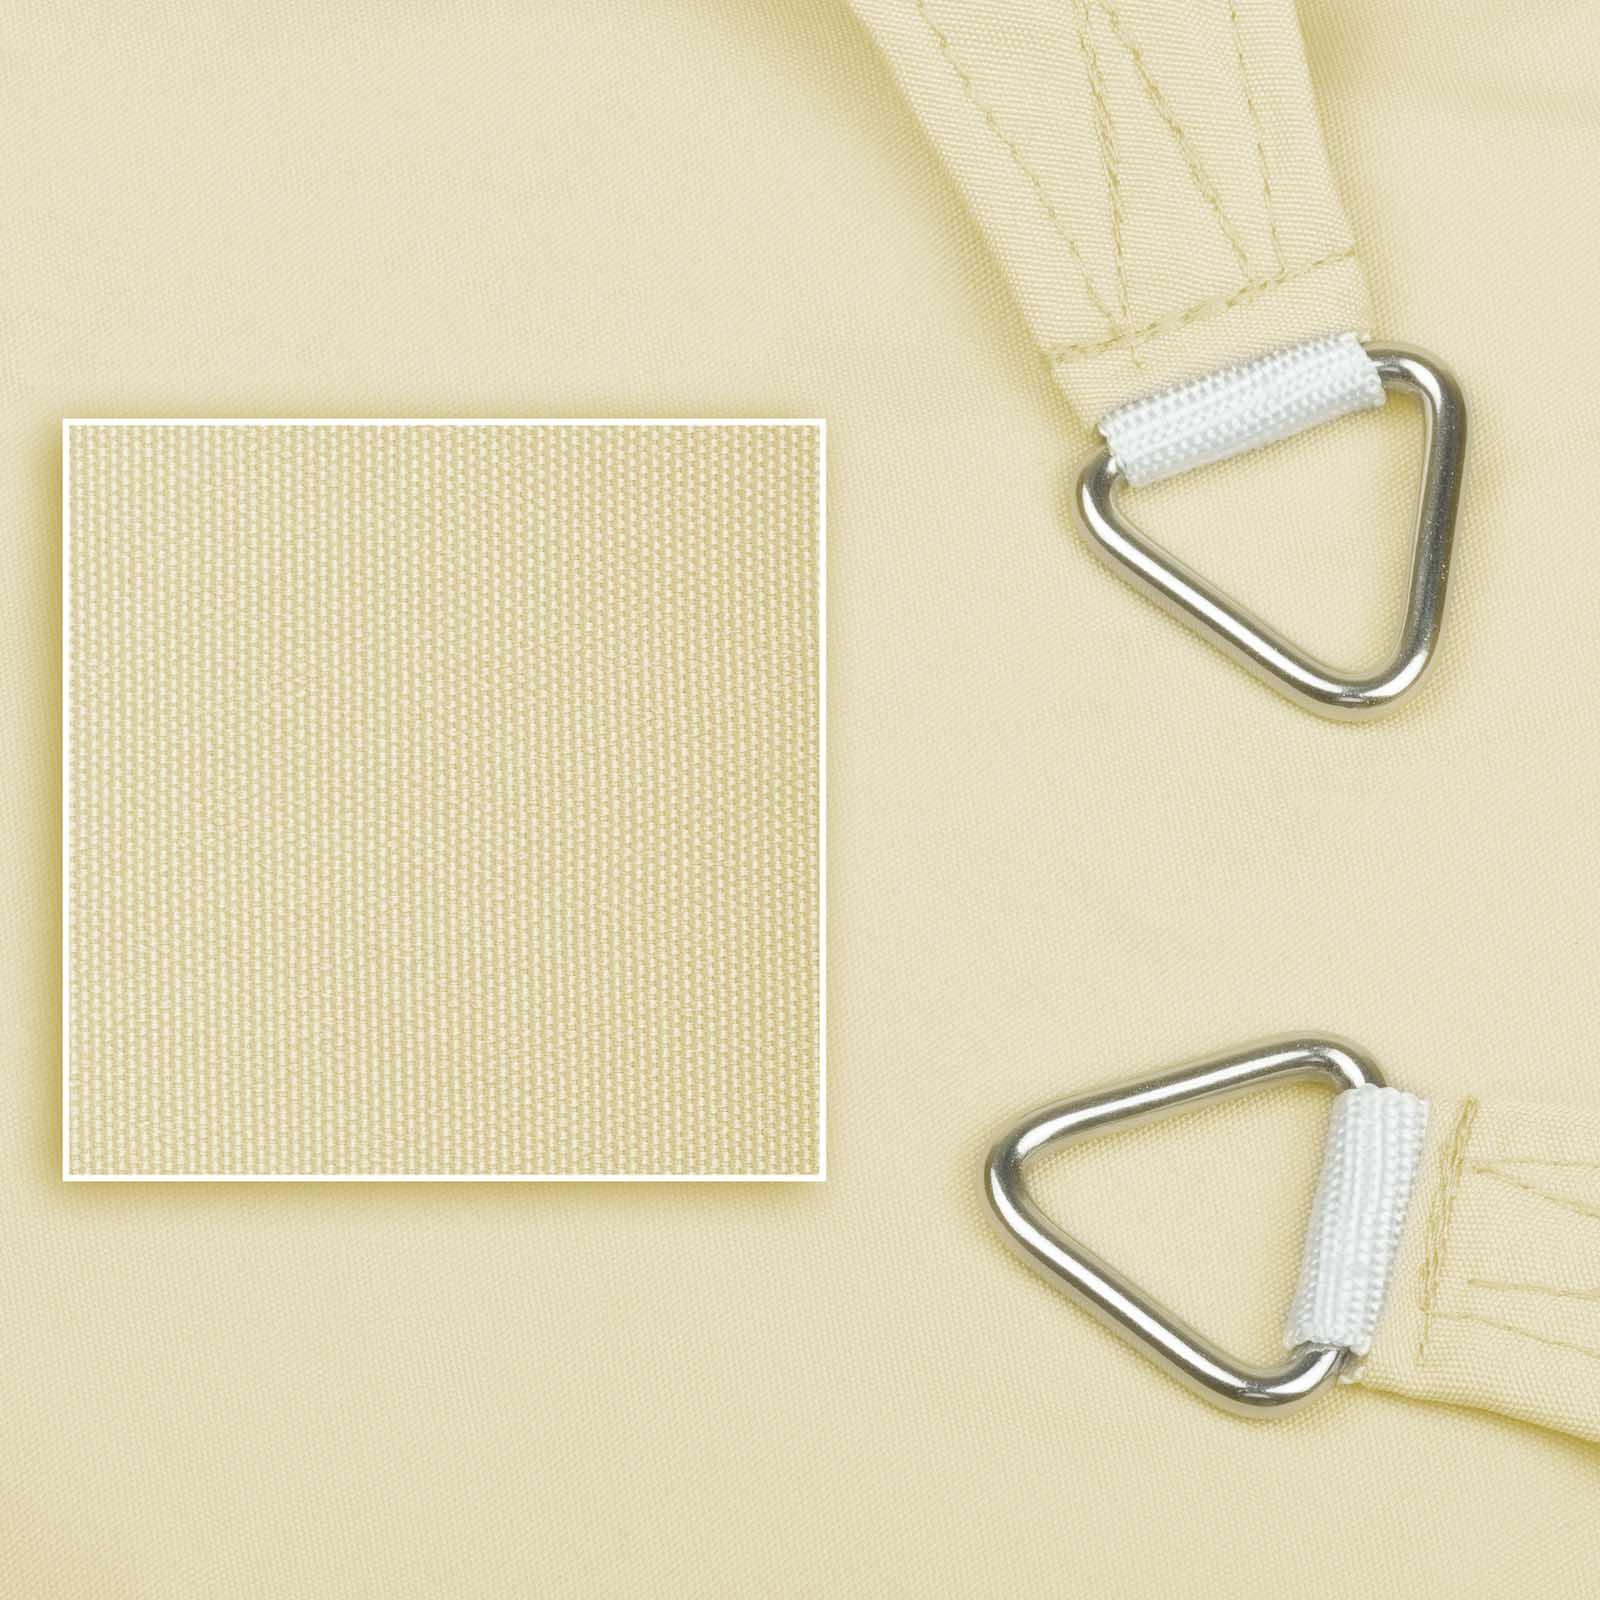 hanse marken sonnensegel wasserabweisend 100 polyester. Black Bedroom Furniture Sets. Home Design Ideas